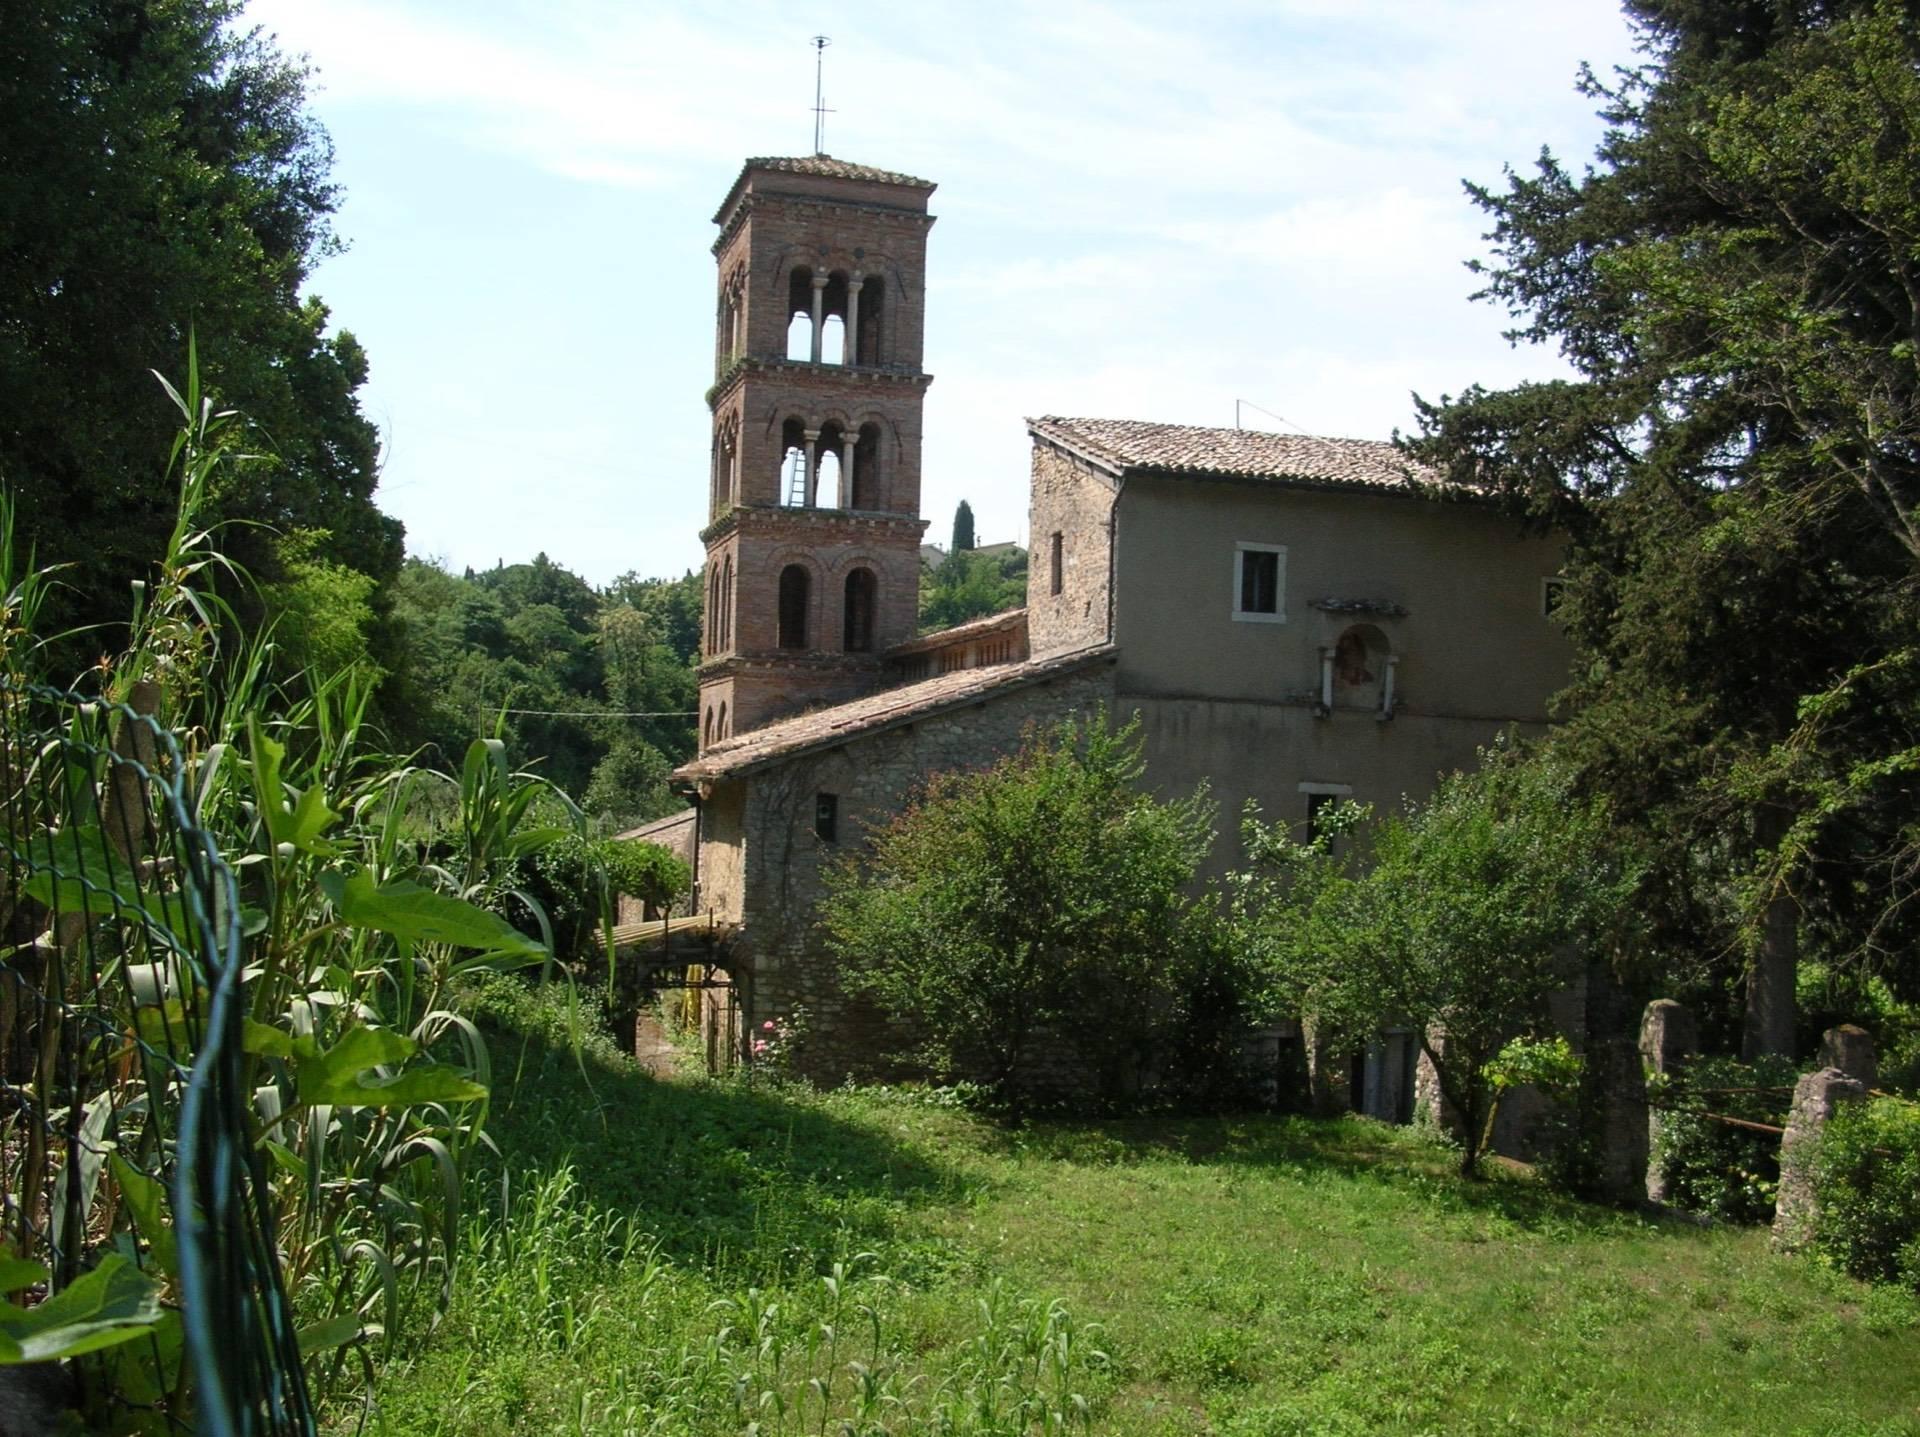 Appartamento in vendita a Palombara Sabina, 2 locali, prezzo € 40.000 | PortaleAgenzieImmobiliari.it